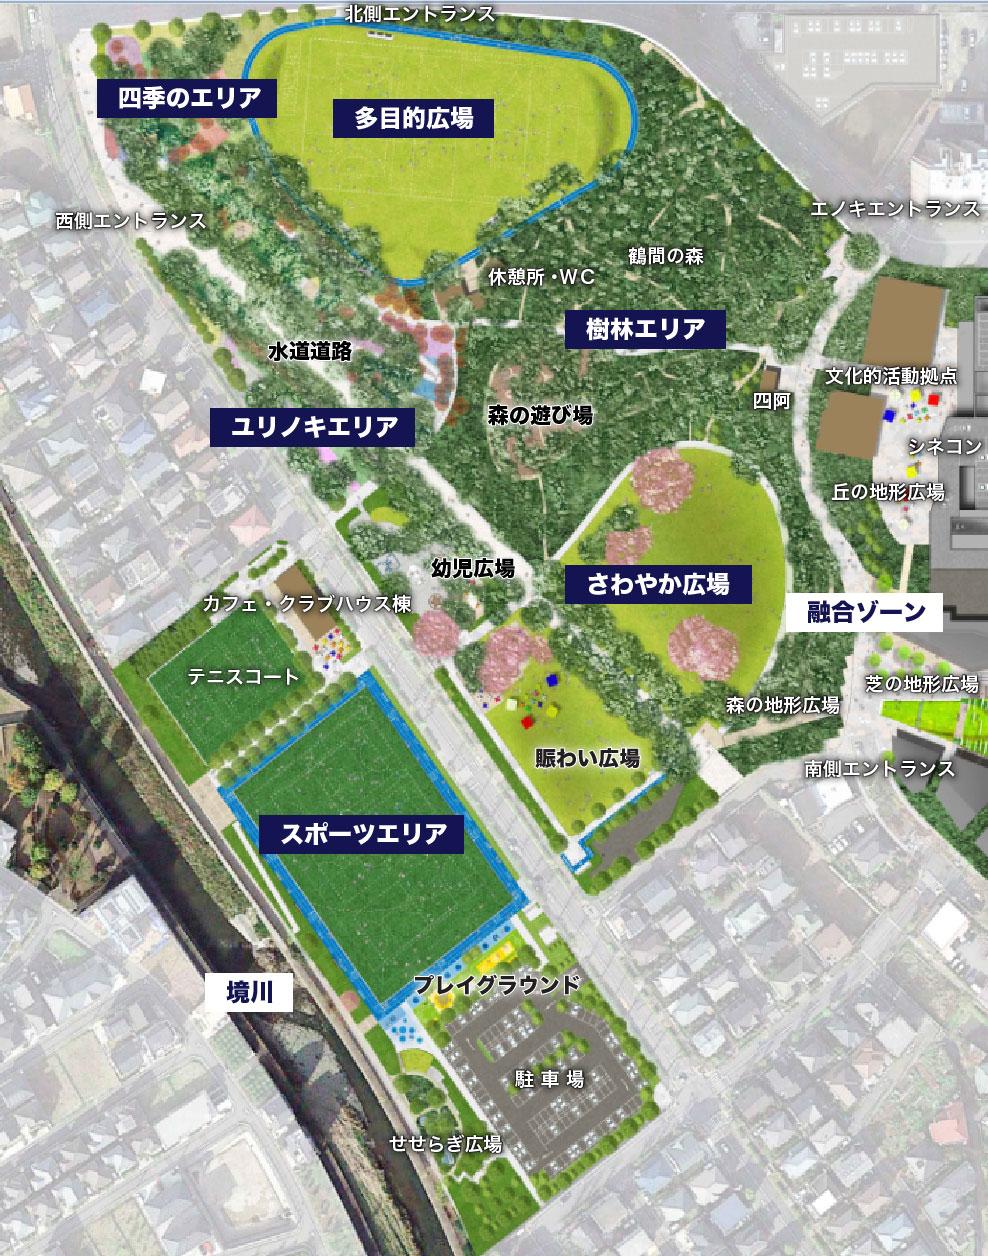 鶴間公園の基本設計